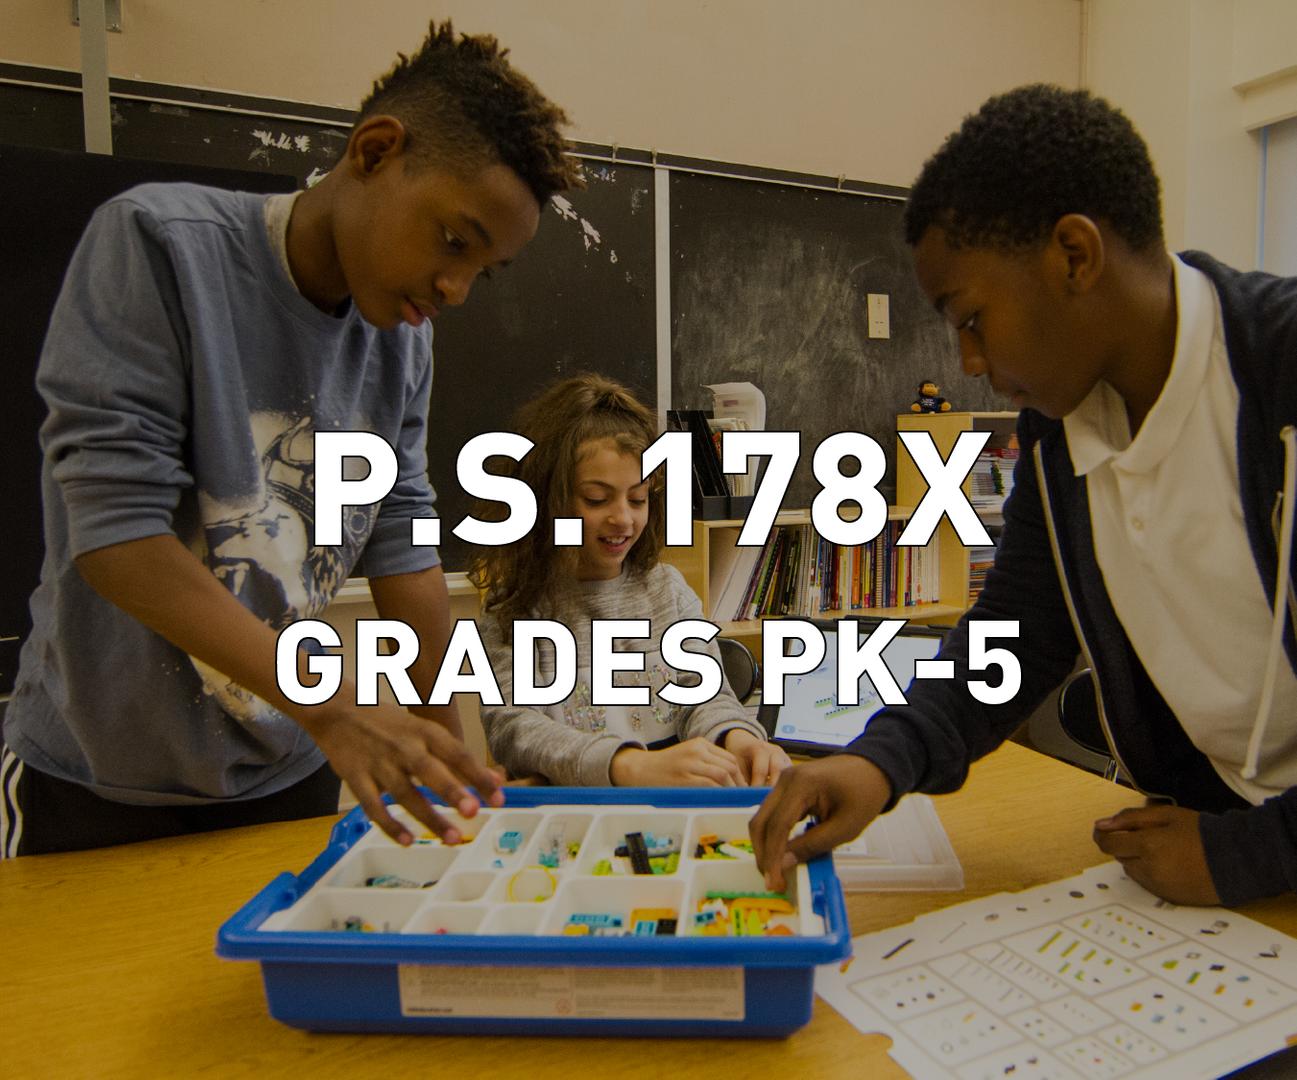 P.S. 178X Grades PK-5